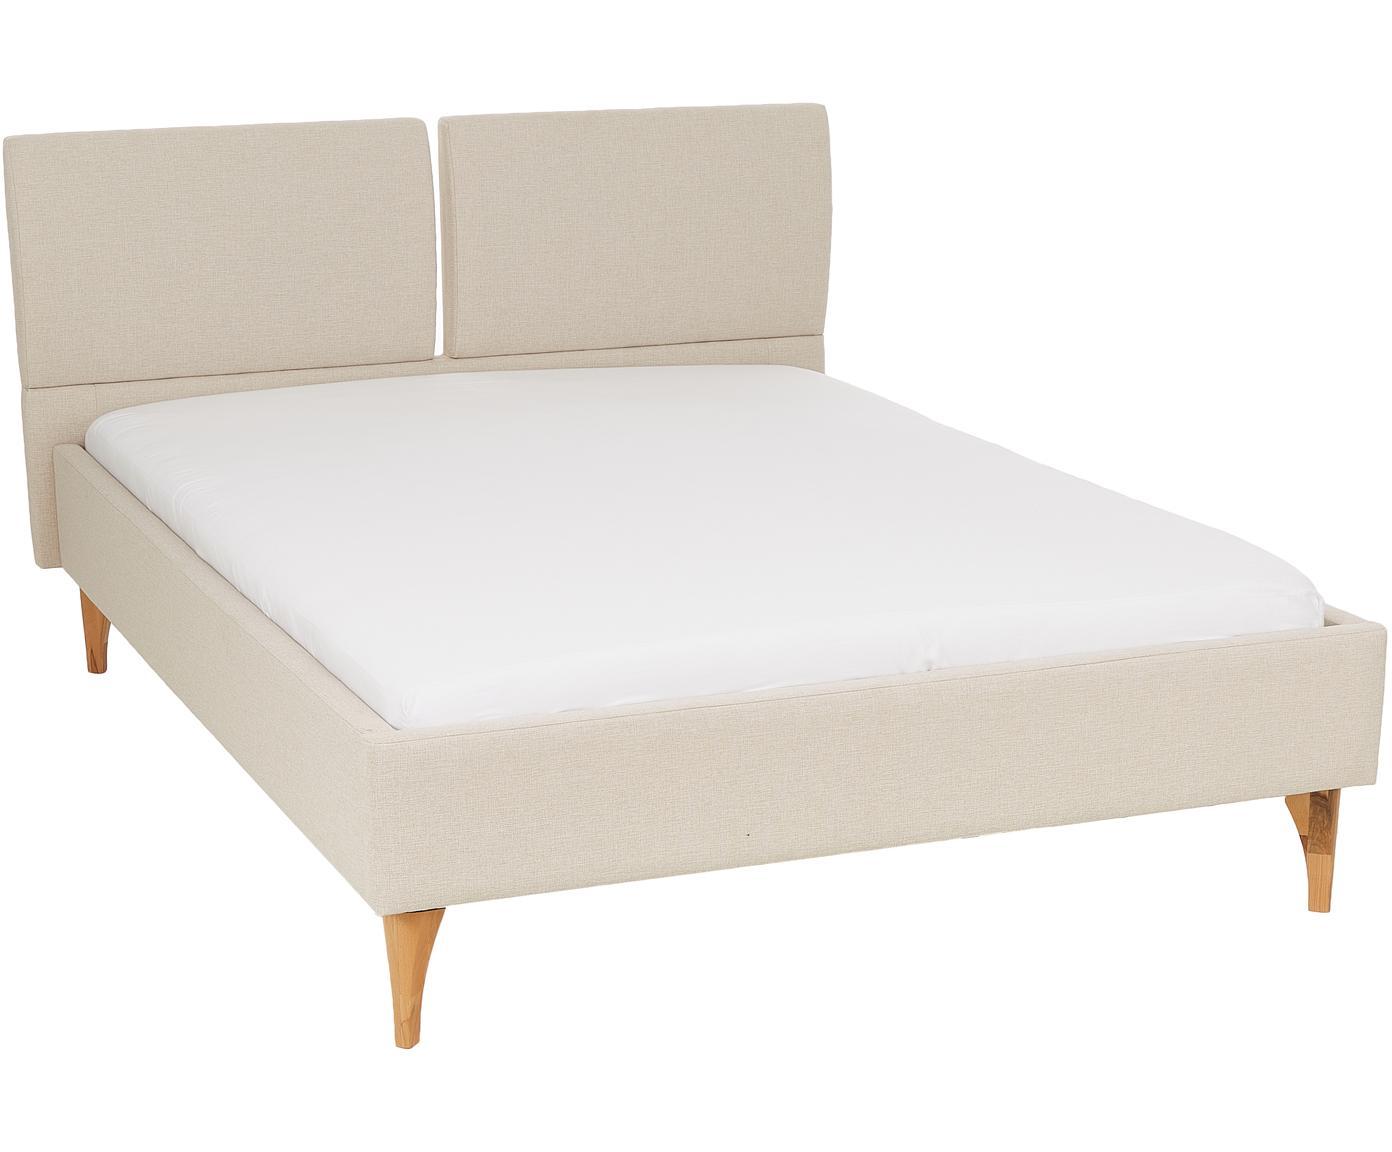 Łóżko tapicerowane  z zagłówkiem Tamara, Tapicerka: poliester, Nogi: drewno twardzielowe, olej, Beżowy, drewno twardzielowe, 140 x 200 cm